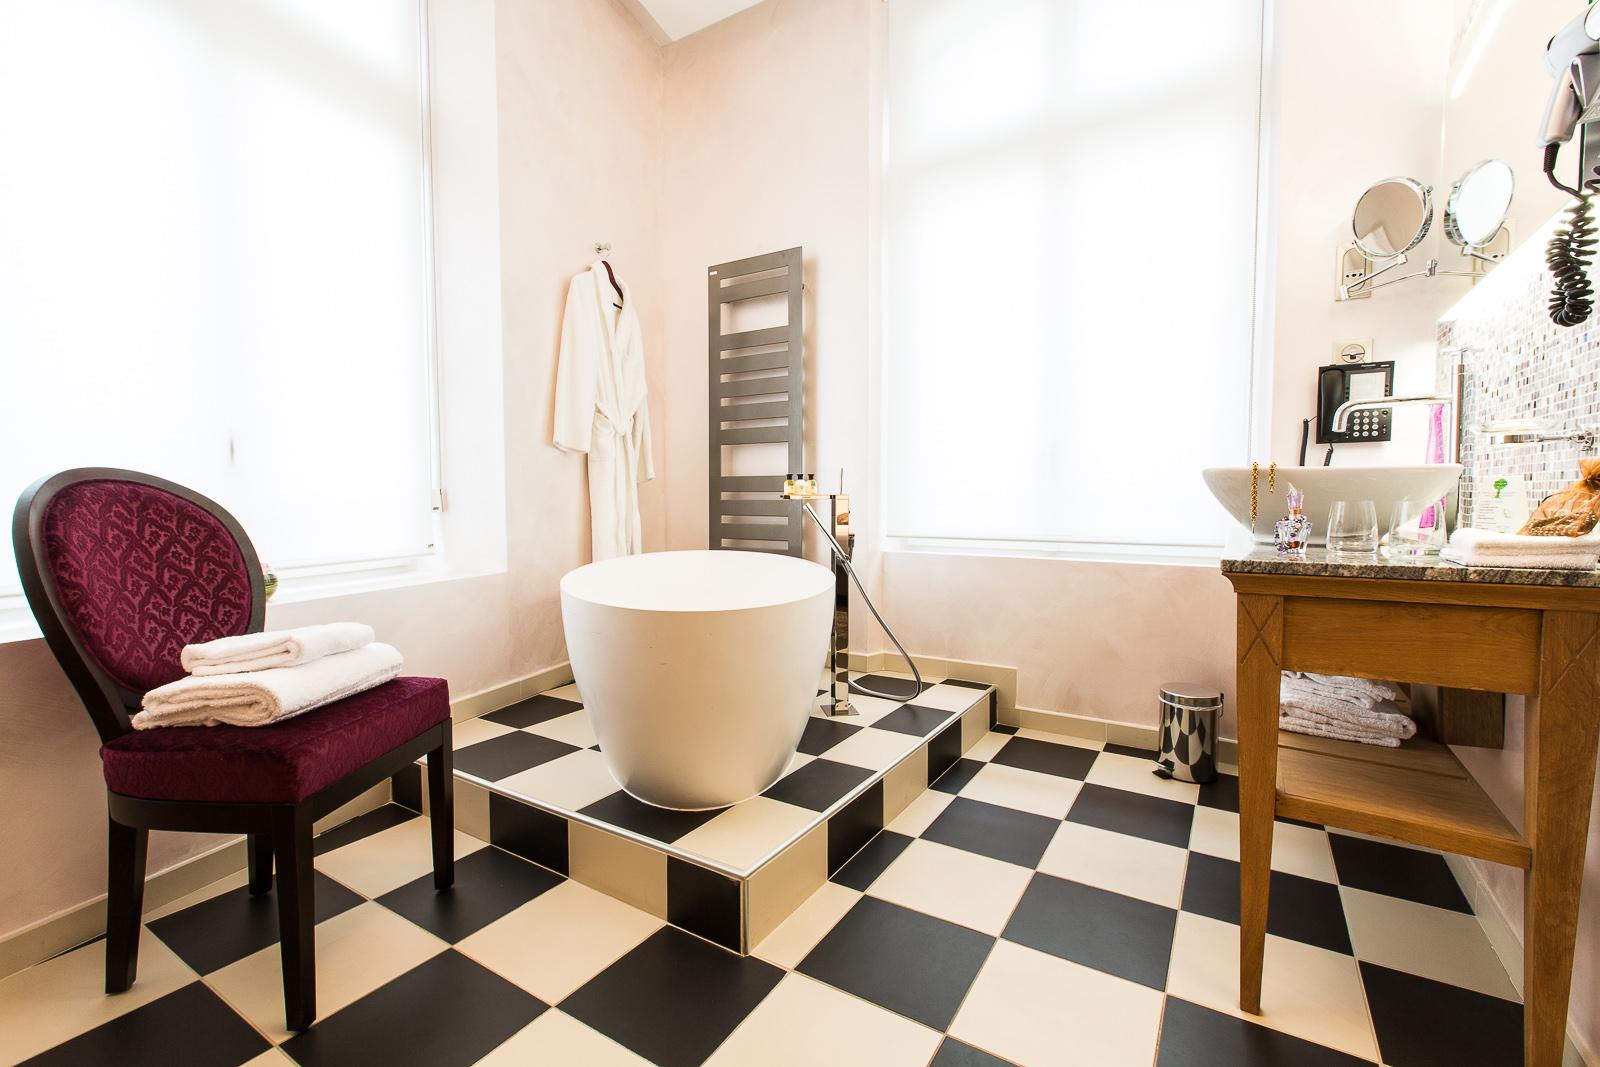 Hôtel Marotte chambre cosy baignoire marche